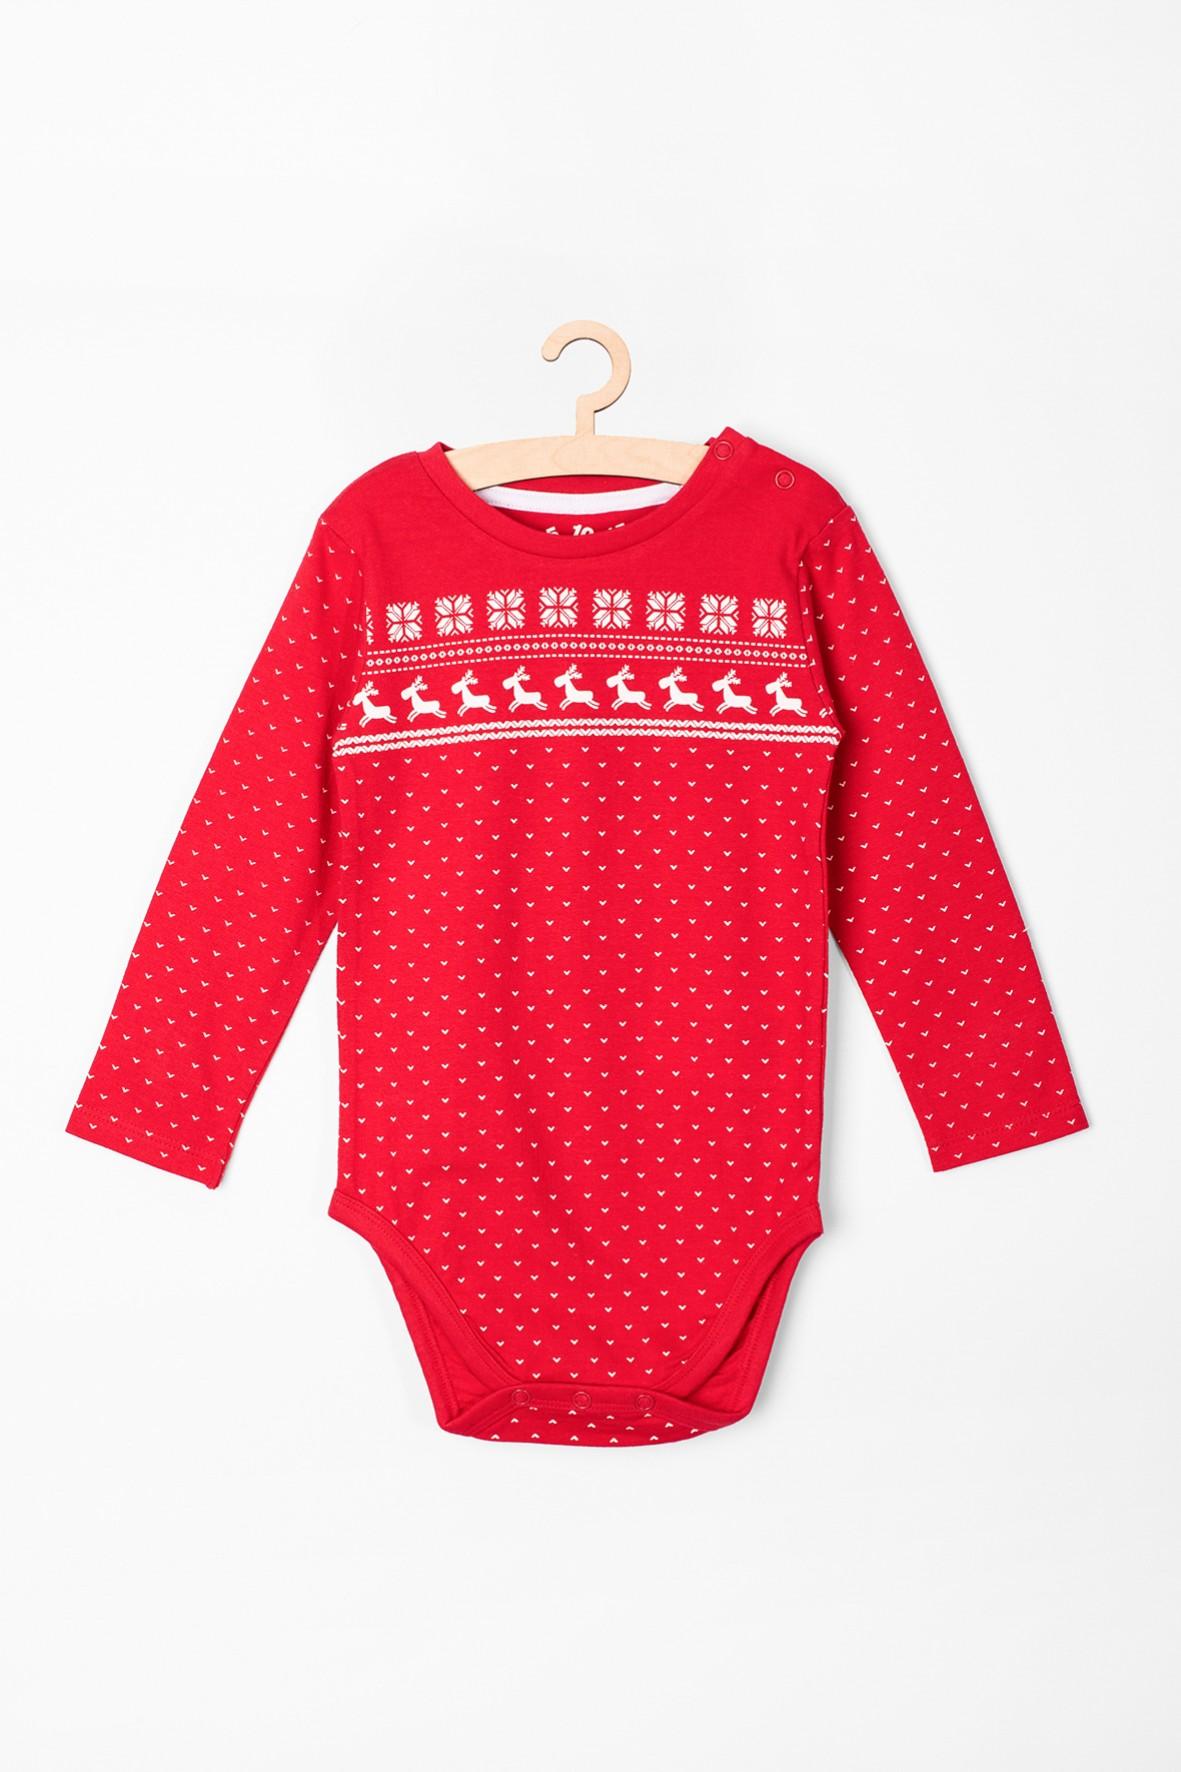 Body niemowlęce świąteczne- czerwone w renifery